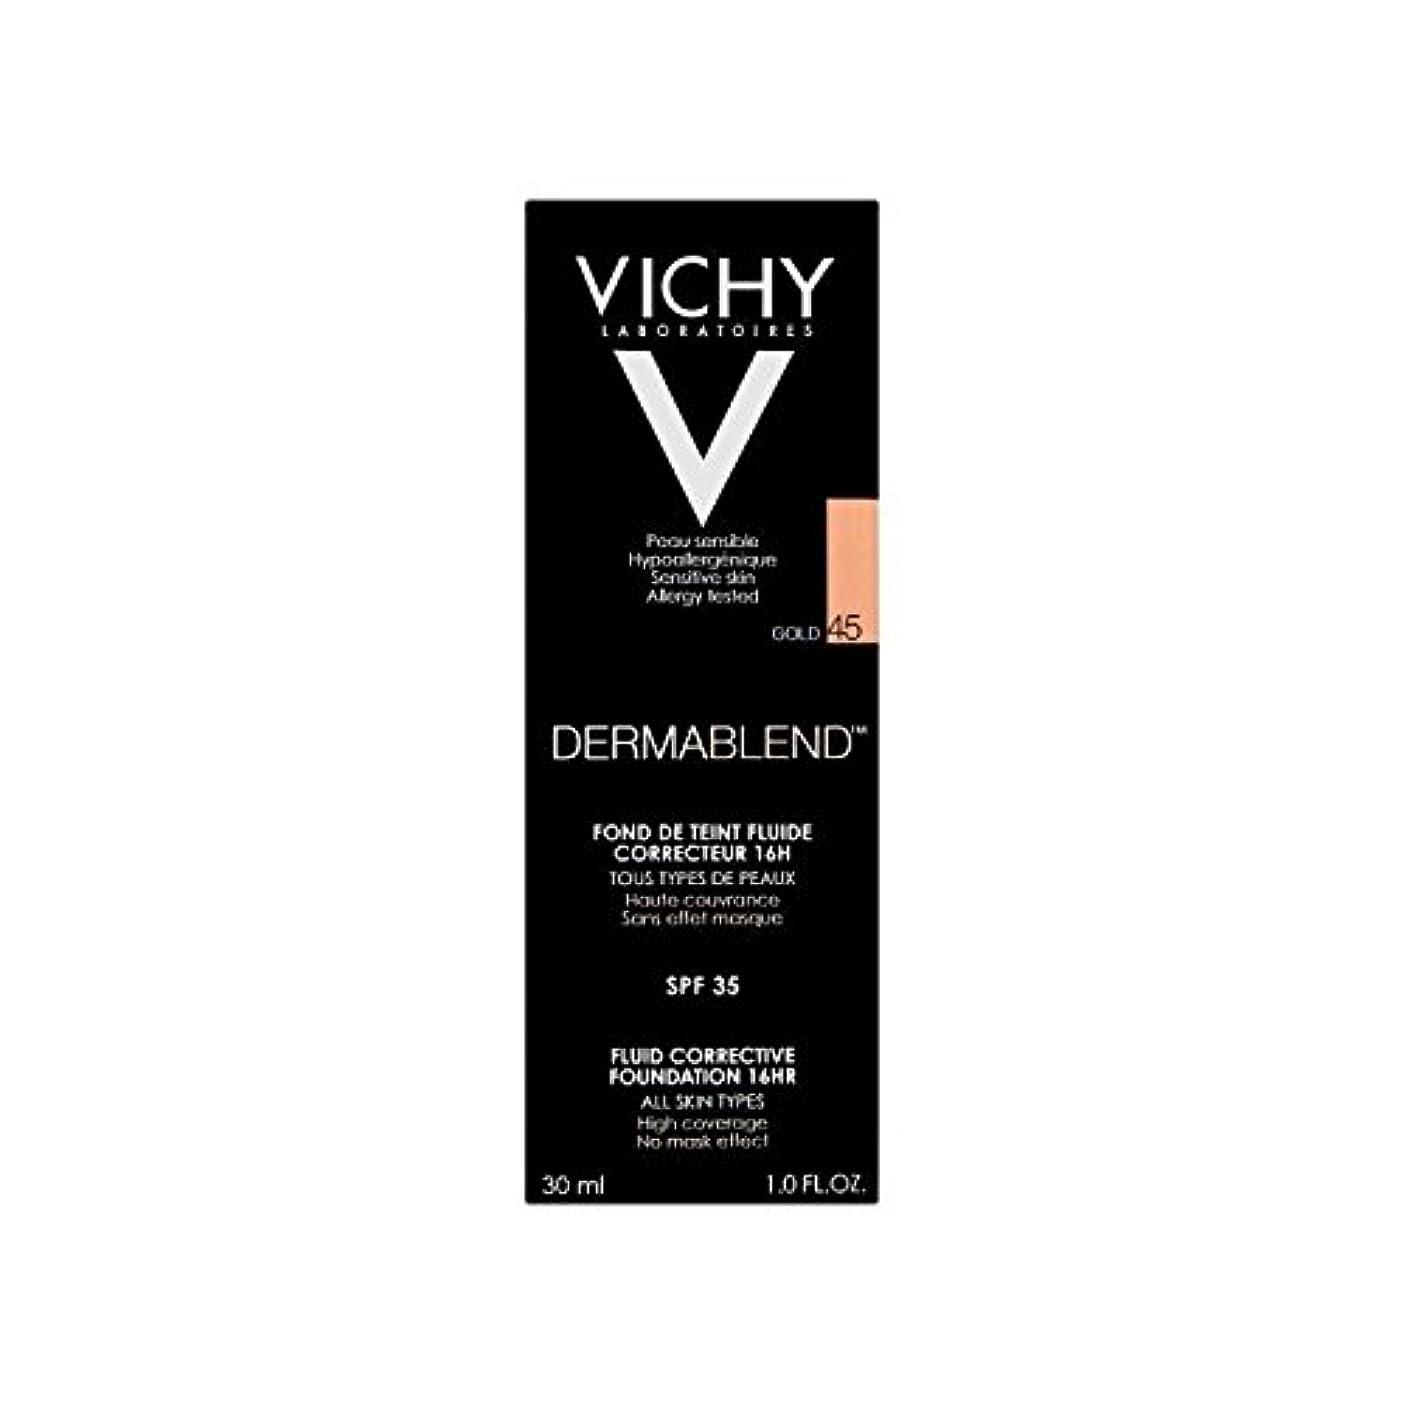 虚偽違う基本的なヴィシー是正流体の基礎30ミリリットル金45 x4 - Vichy Dermablend Corrective Fluid Foundation 30ml Gold 45 (Pack of 4) [並行輸入品]